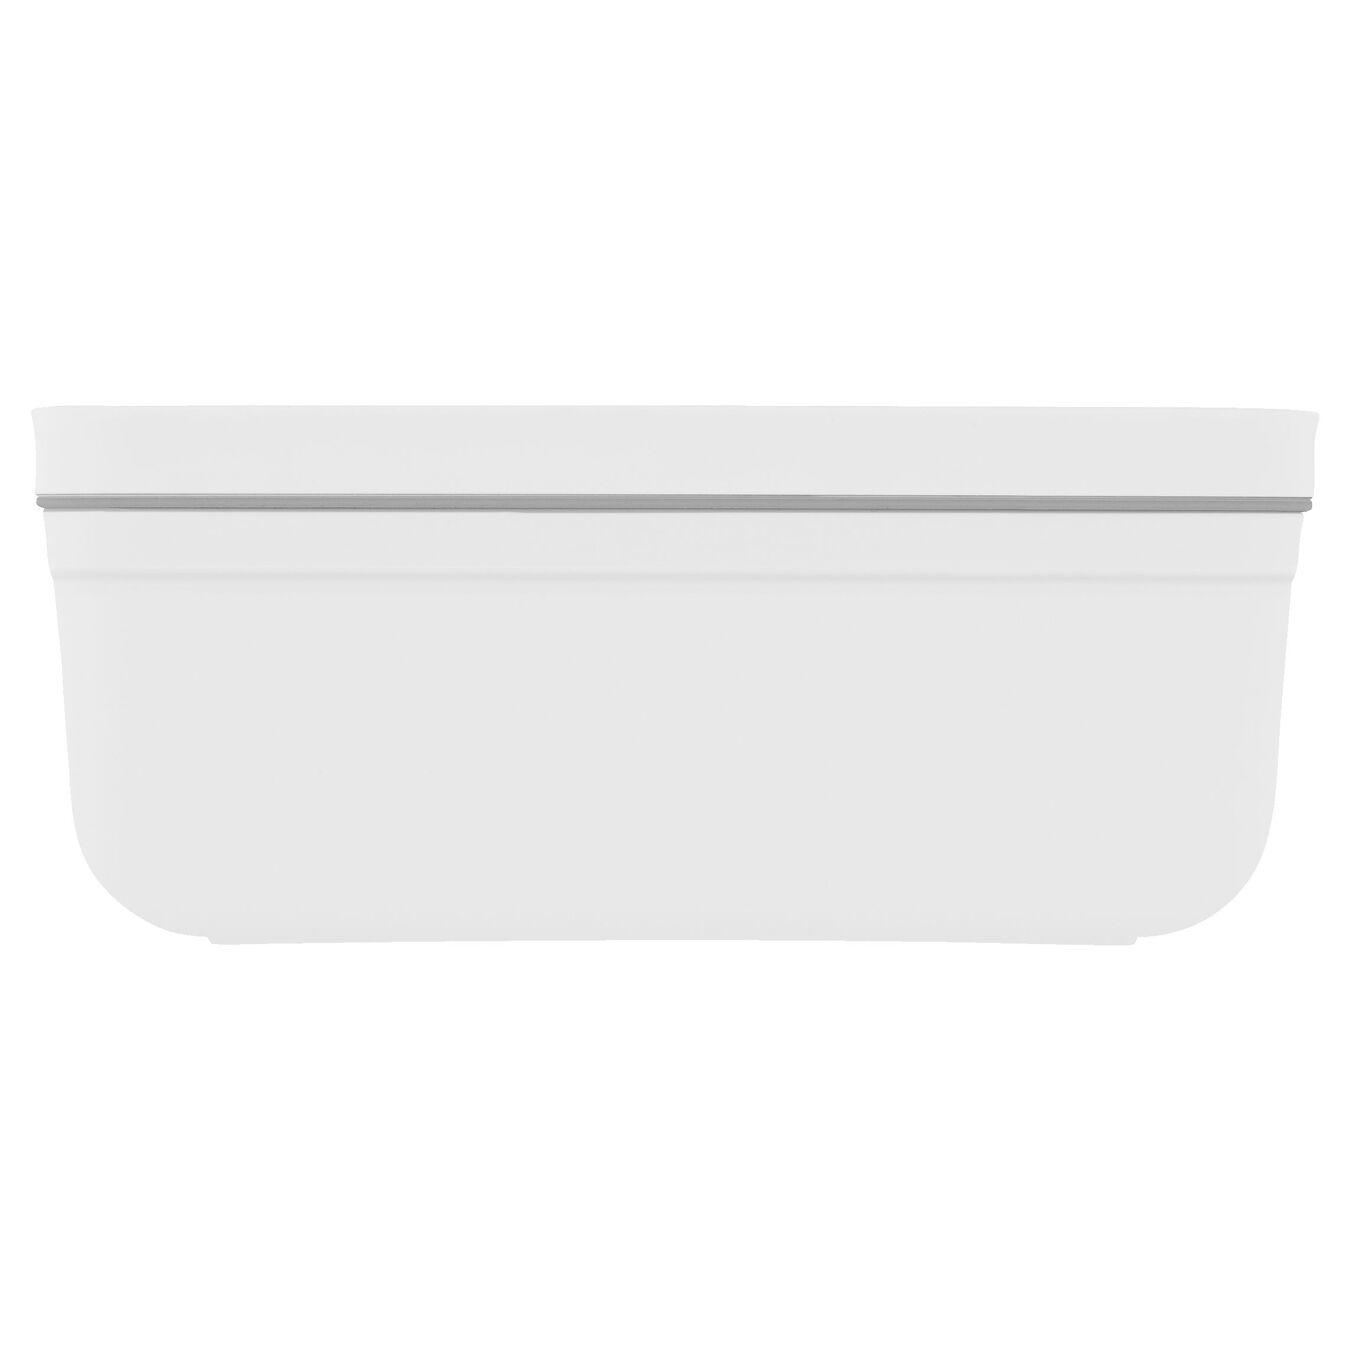 Vacuum lunch box, medium, Plastic, White,,large 2